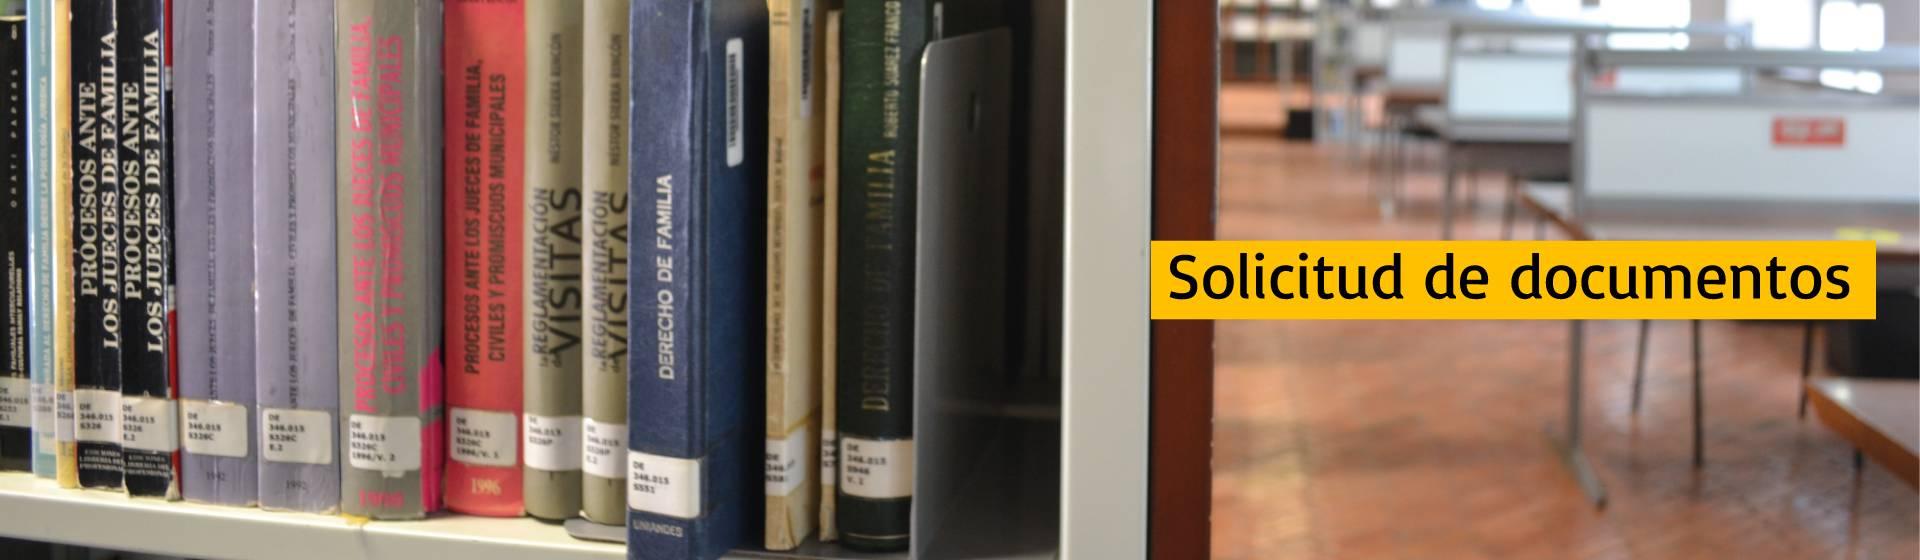 Solicitud de documentos | Uniandes